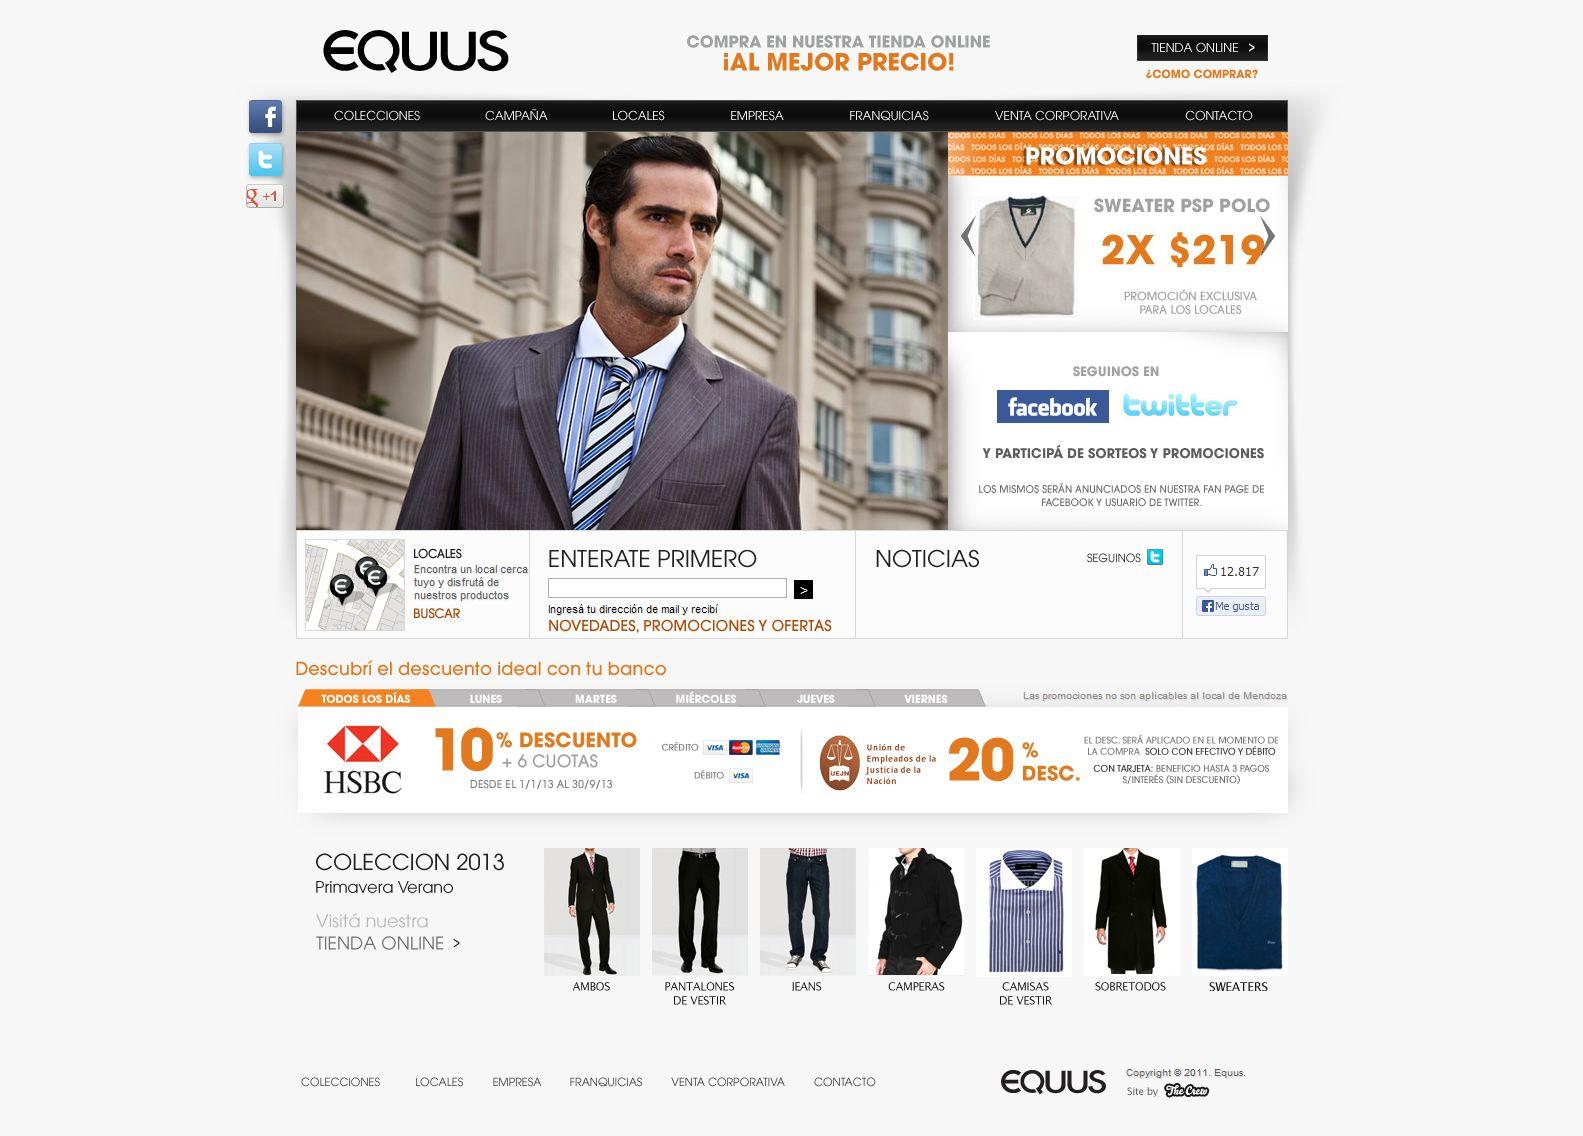 equus.com.ar